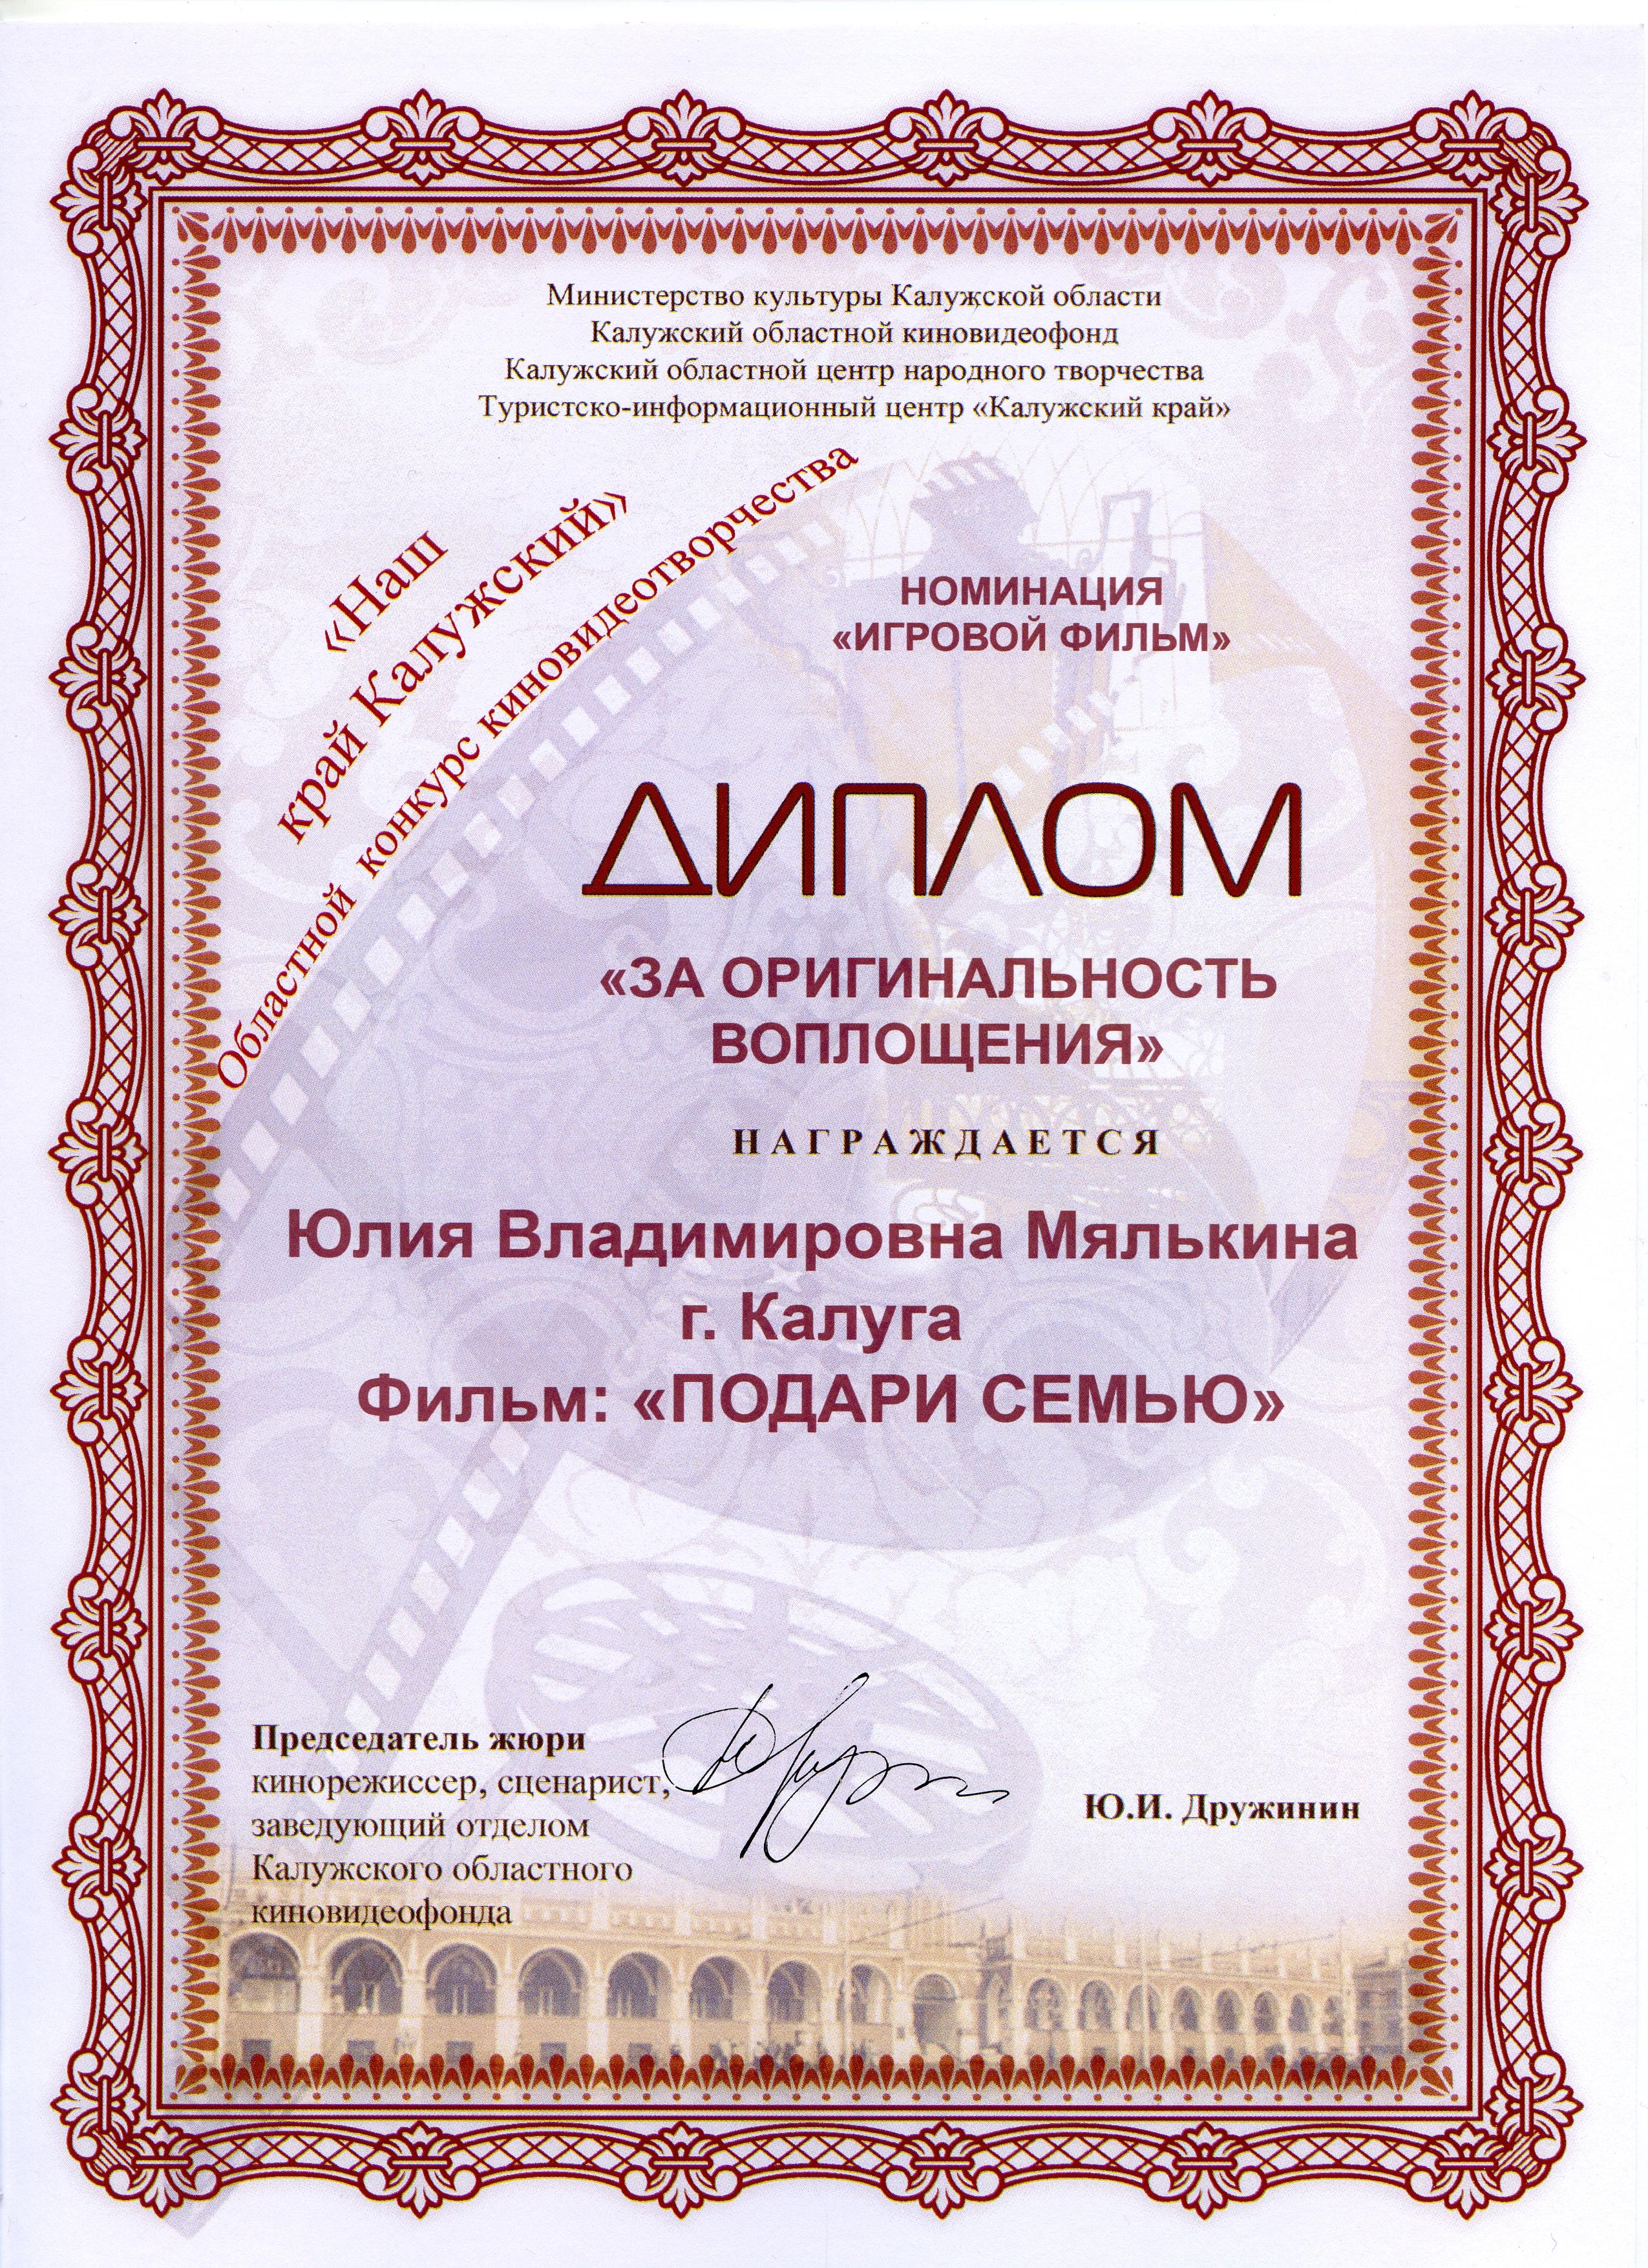 Приложение 3 НАШ КРАЙ КАЛУЖСКИЙ июнь 2013068